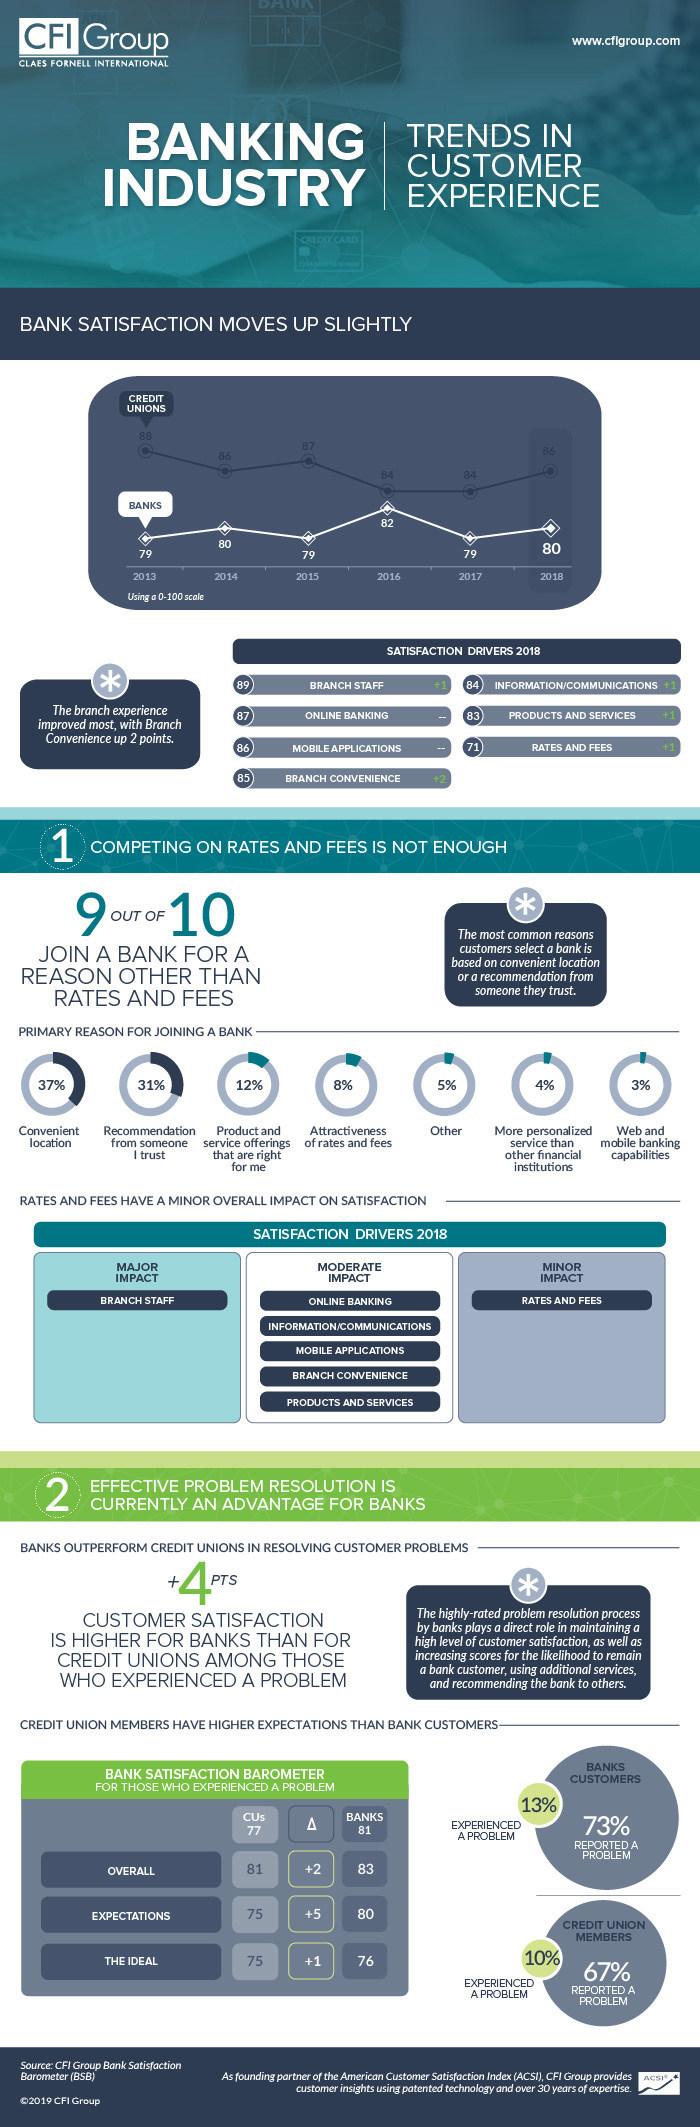 Bank Satisfaction Barometer (BSB) 2018 Infographic